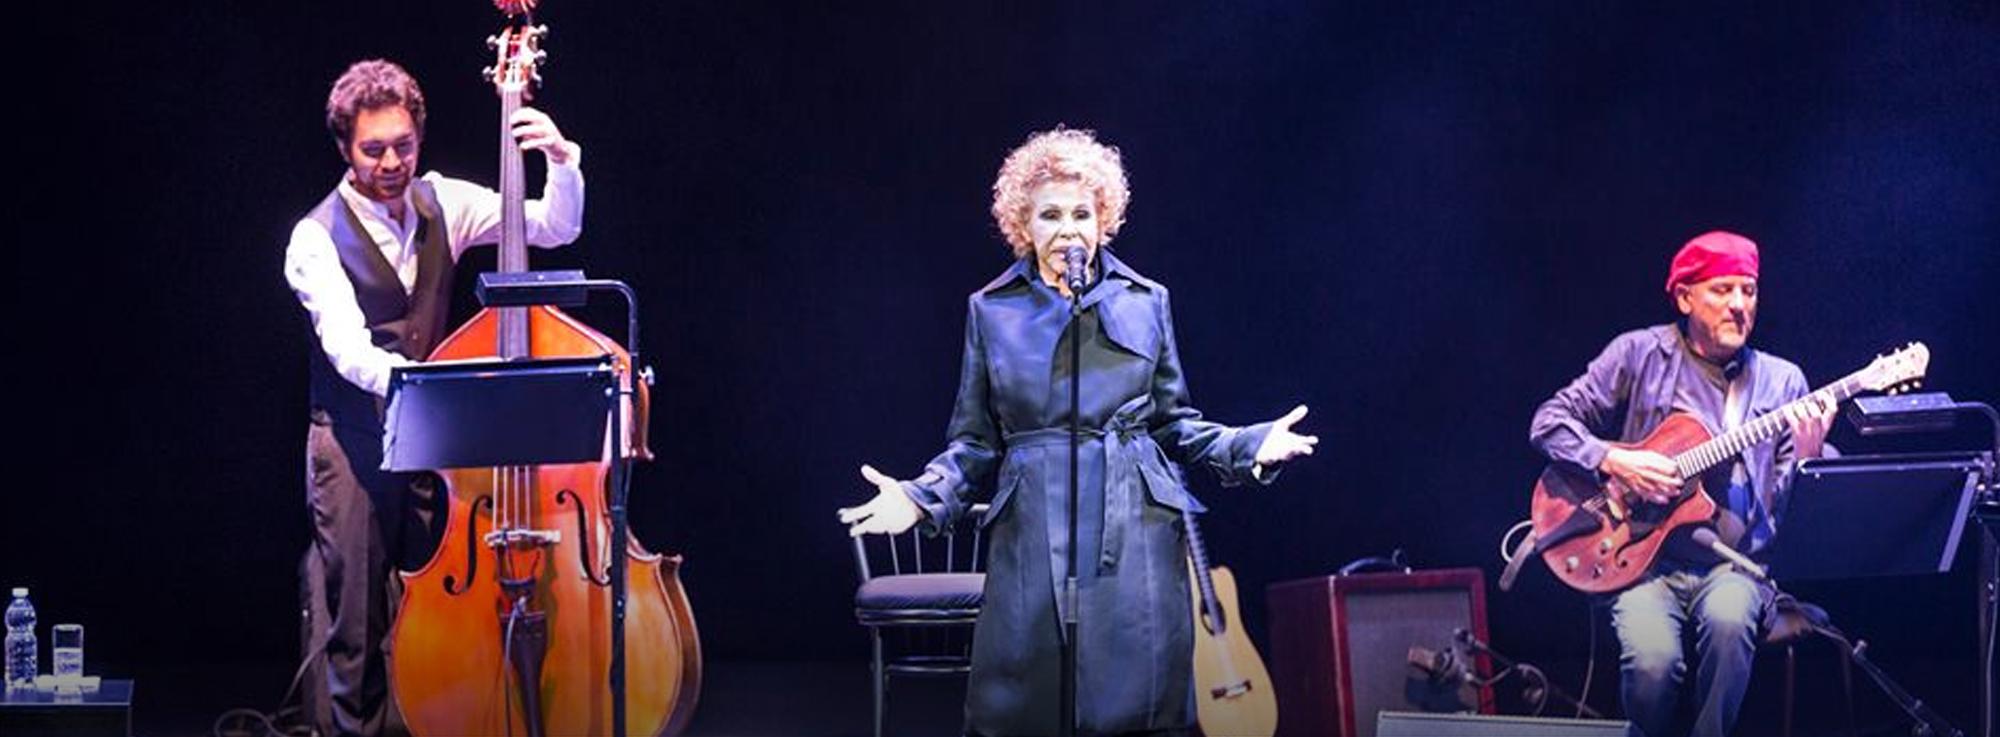 Molfetta: Ornella Vanoni in concerto